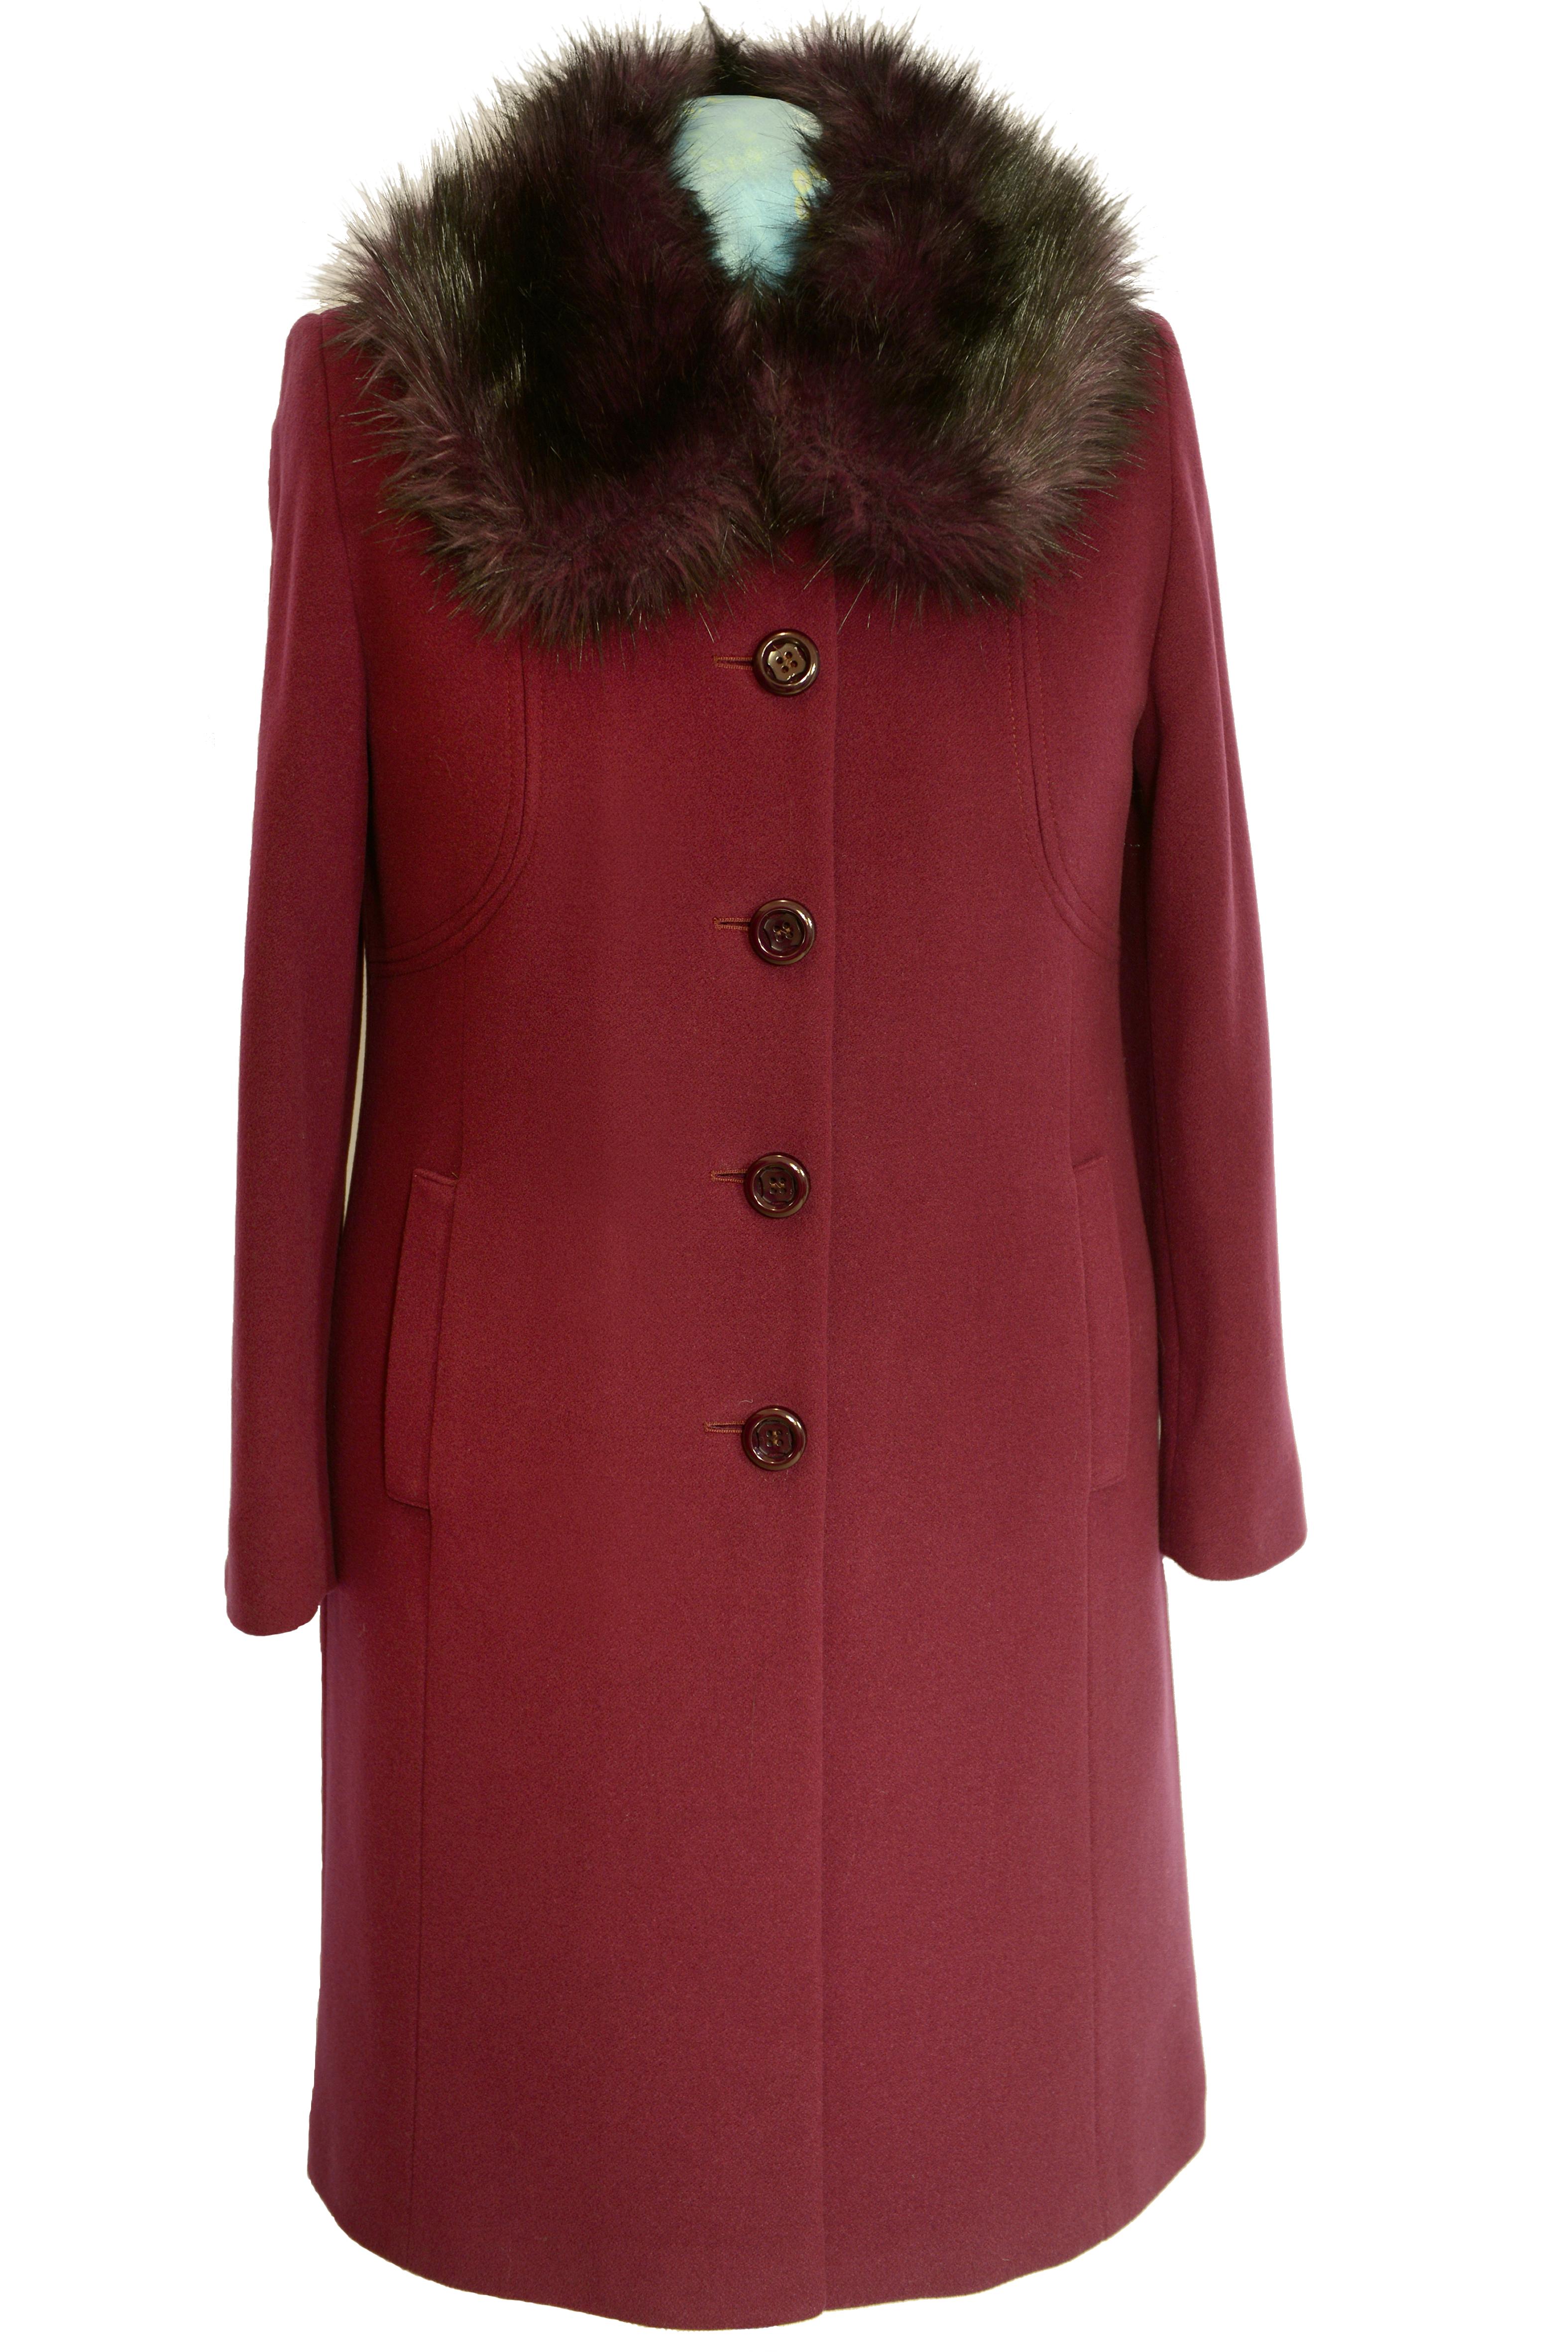 5f07f8811 Trojštvrťový dámsky vlnený kabát Hanka - kabátyžilina